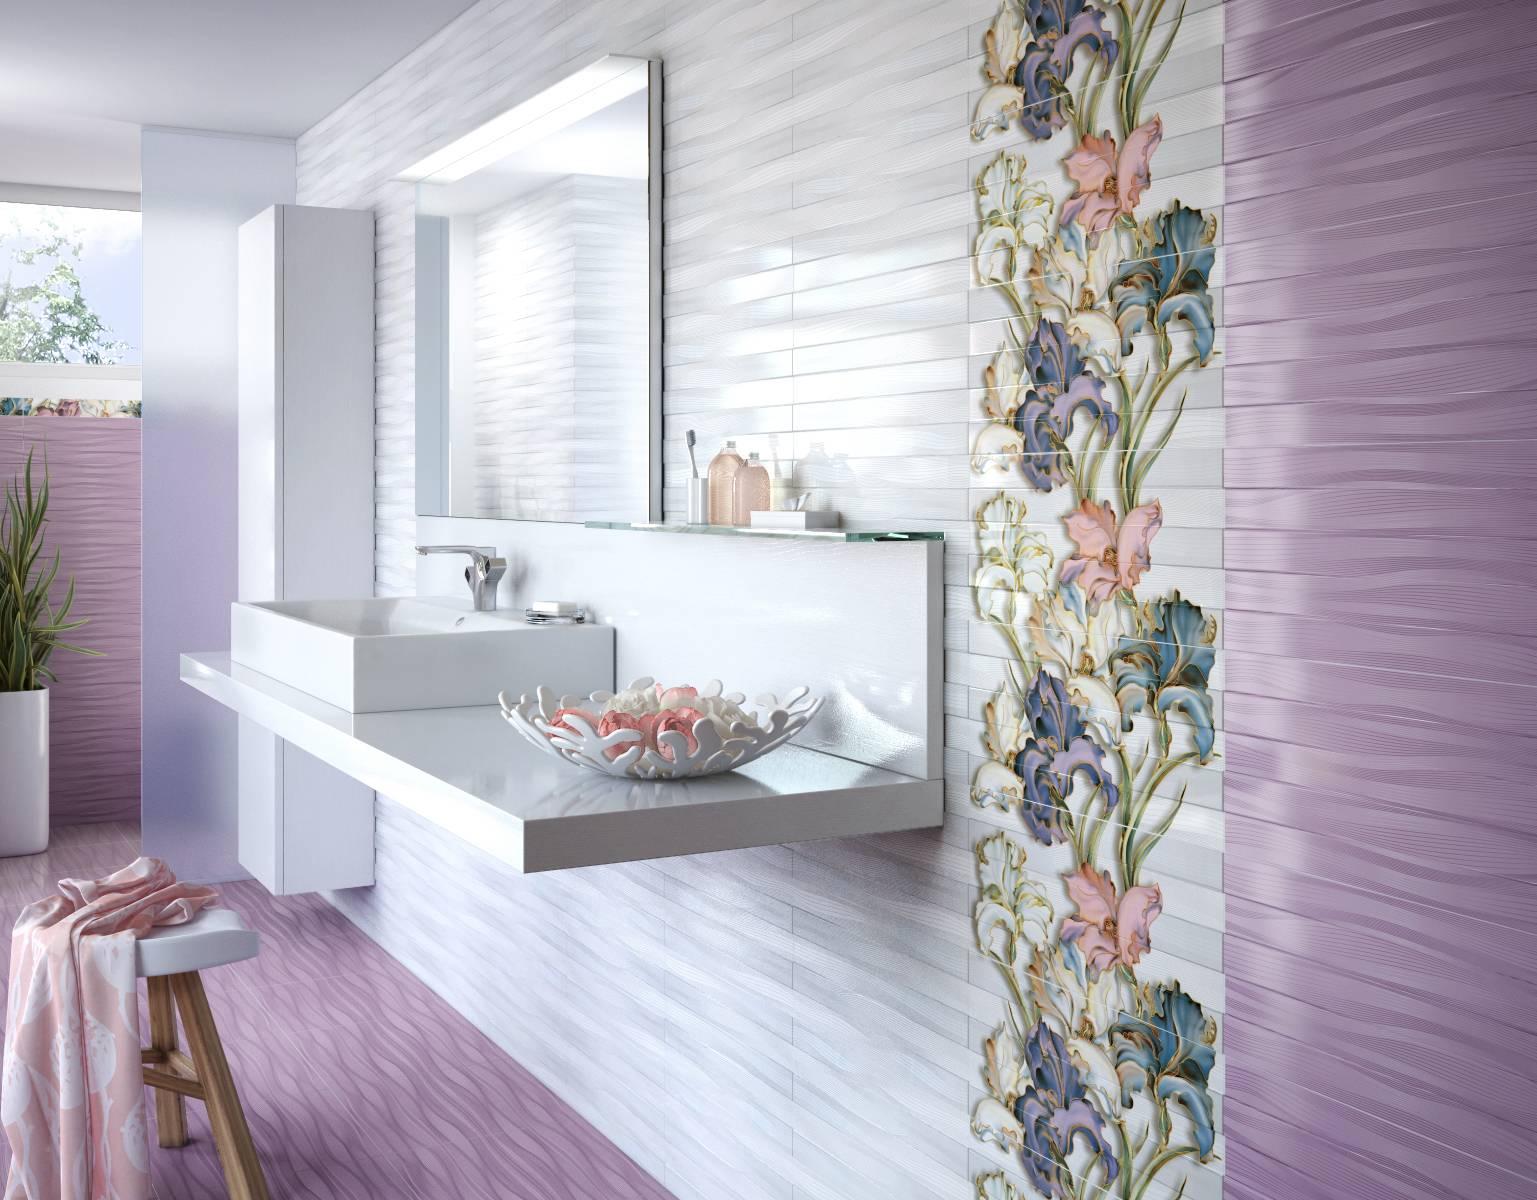 Intercerama odisea купить по цене от 1105 руб. плитка для ванной интеркерама odisea в москве, фото в интерьере - plitka-sdvk.ru